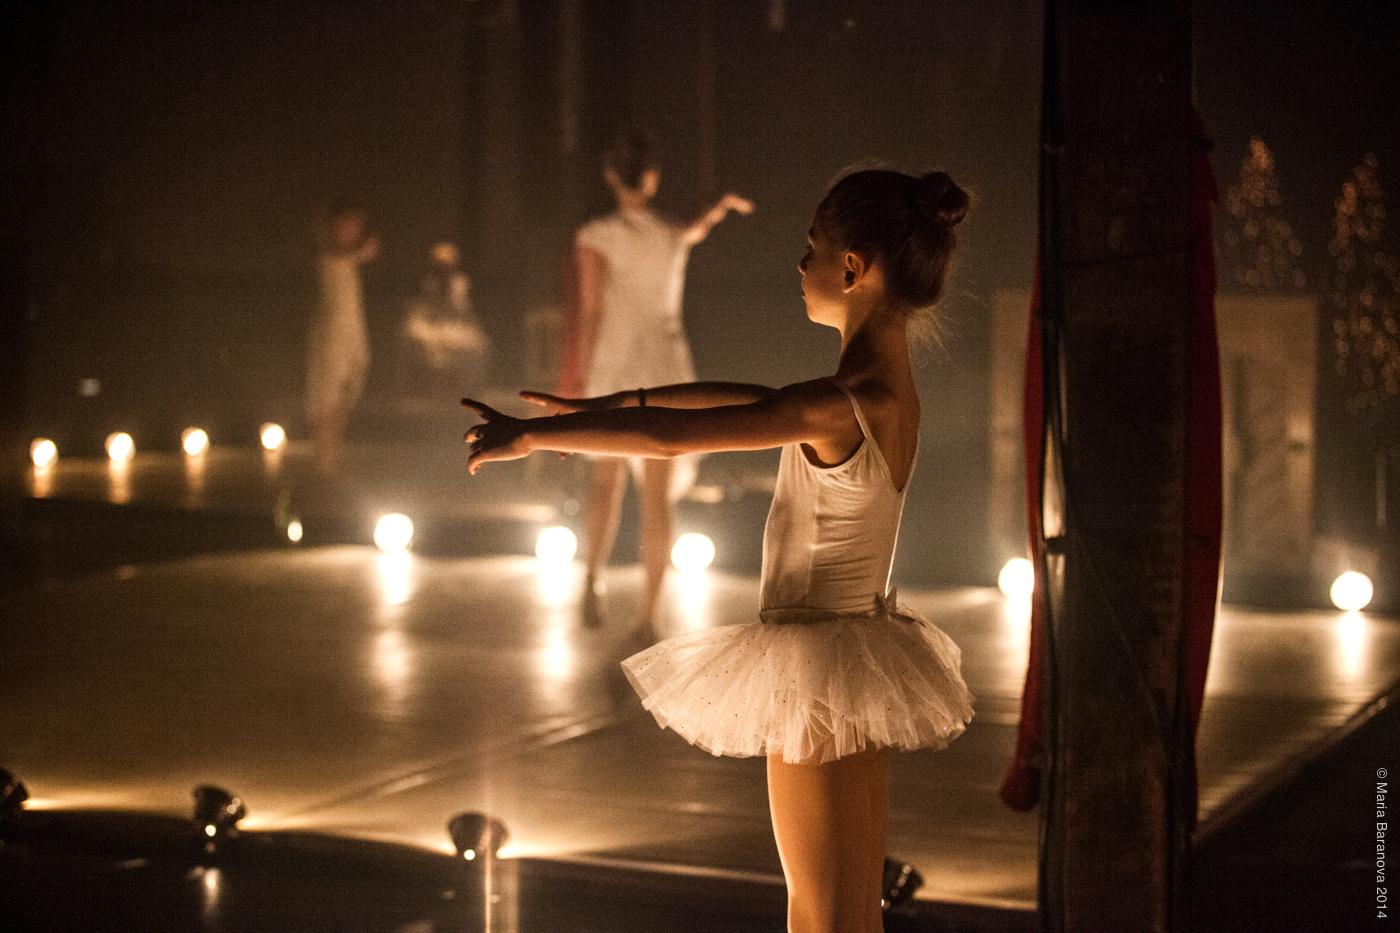 A_Nutcracker_Dress_by_Maria_Baranova-0448.jpg